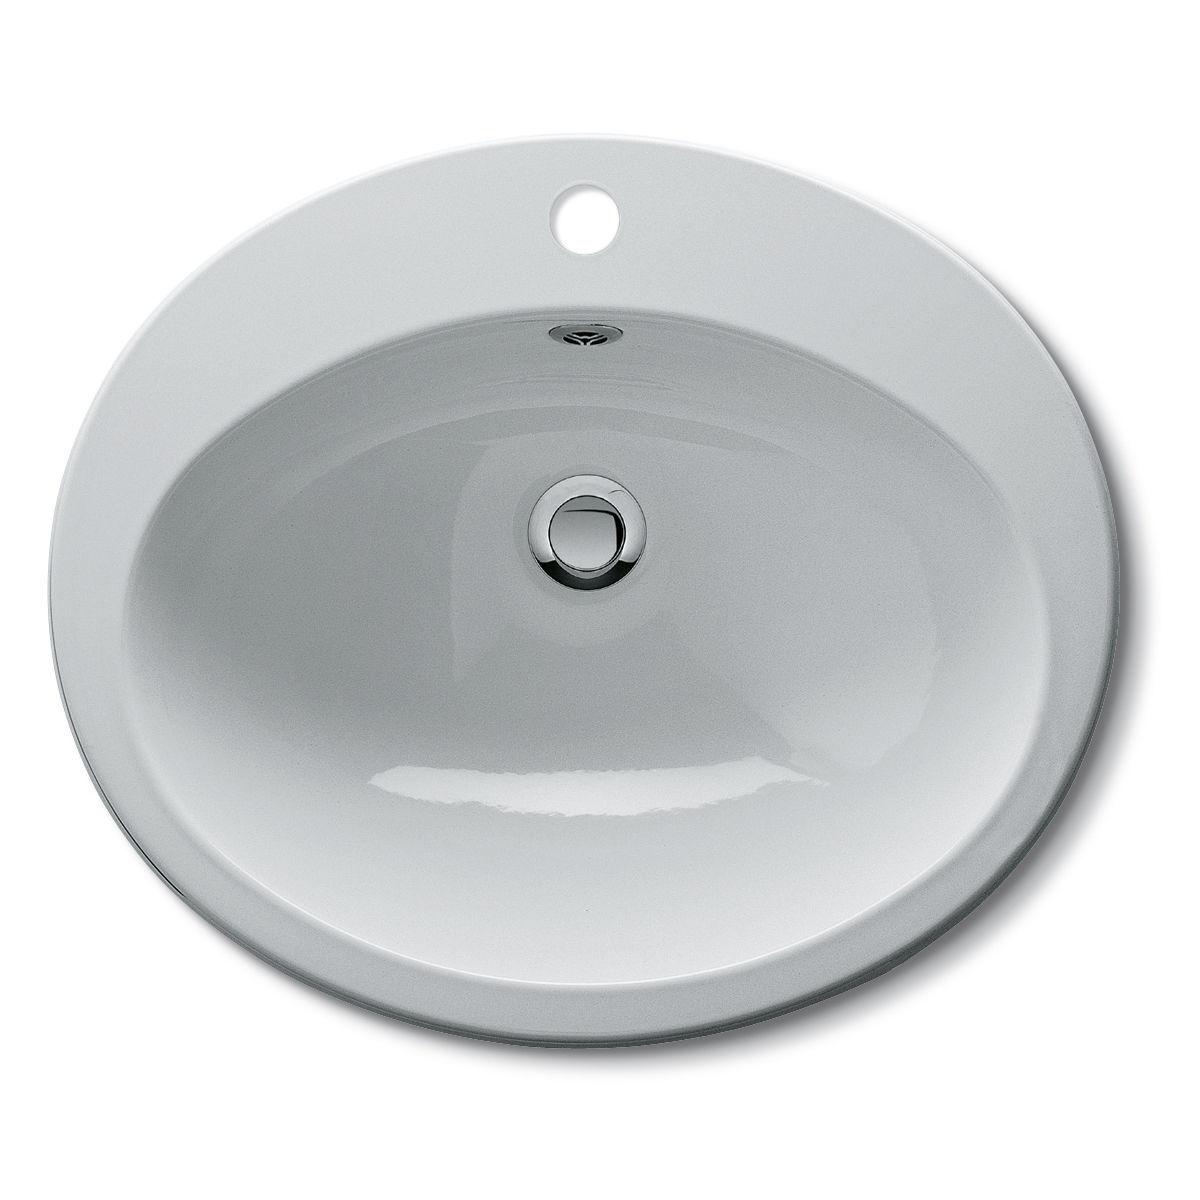 Einbauwaschbecken Oval Waschbecken Axent